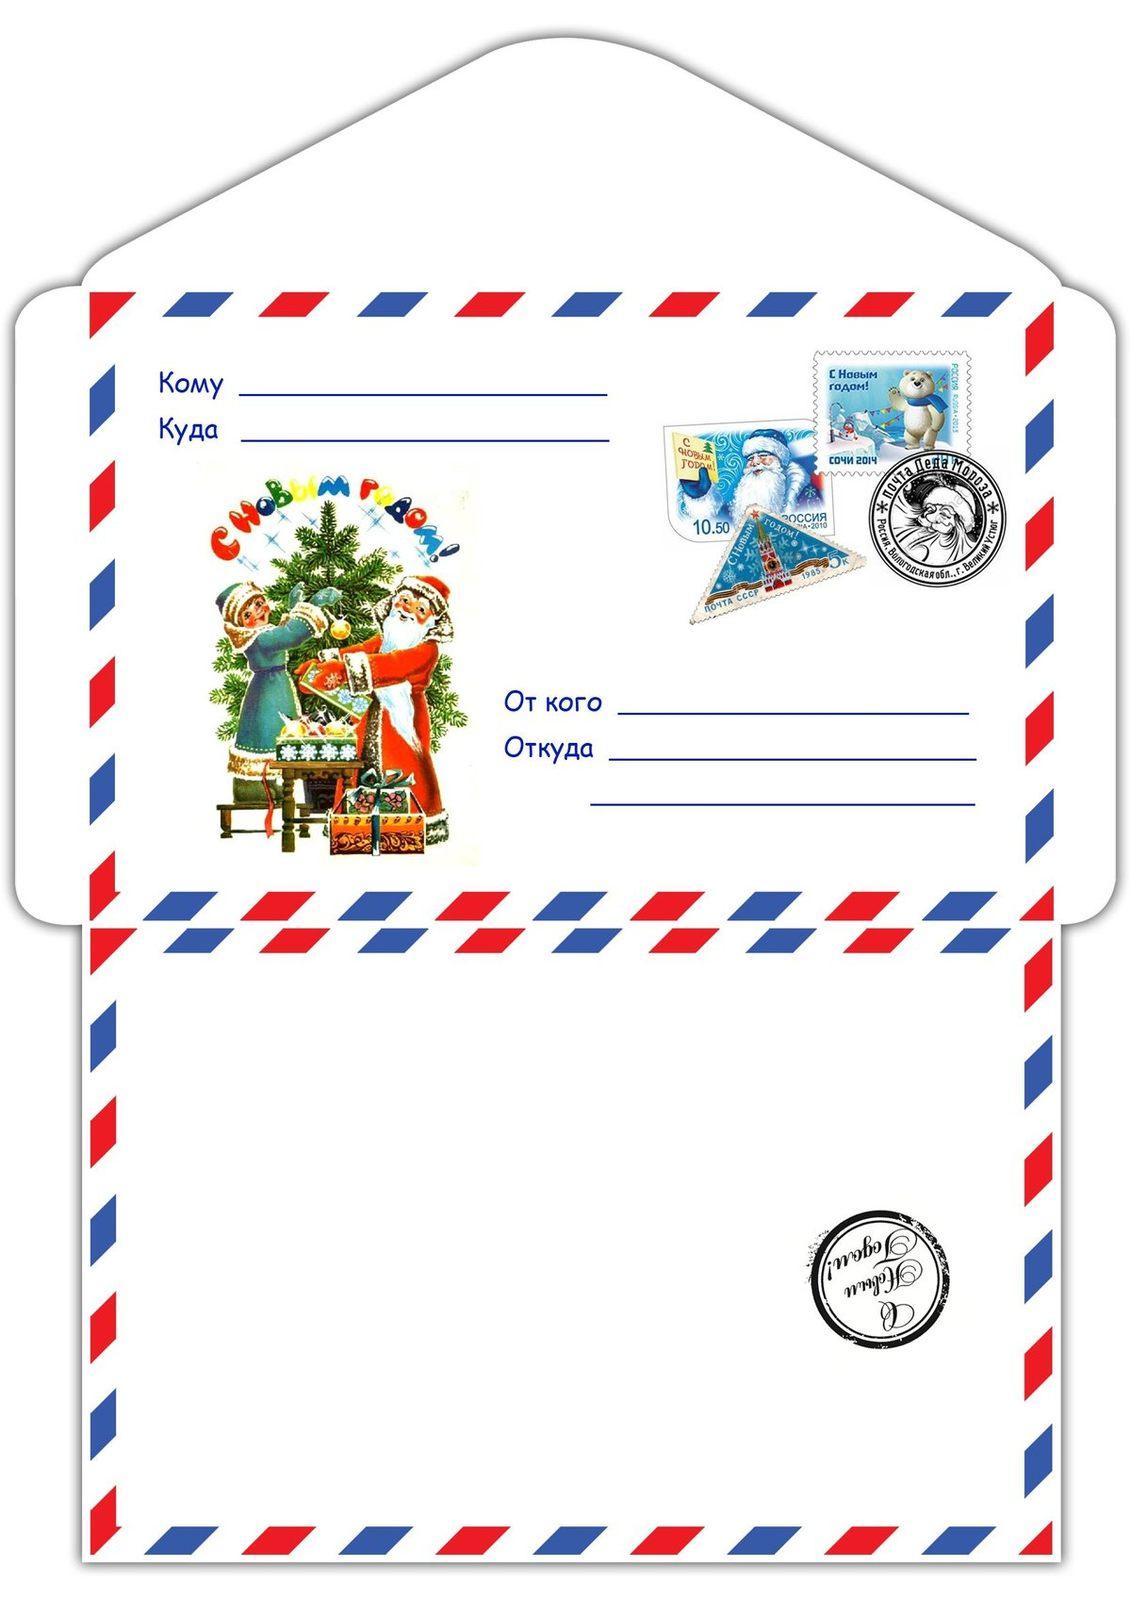 картинка конверта для письма для деда мороза диджеи